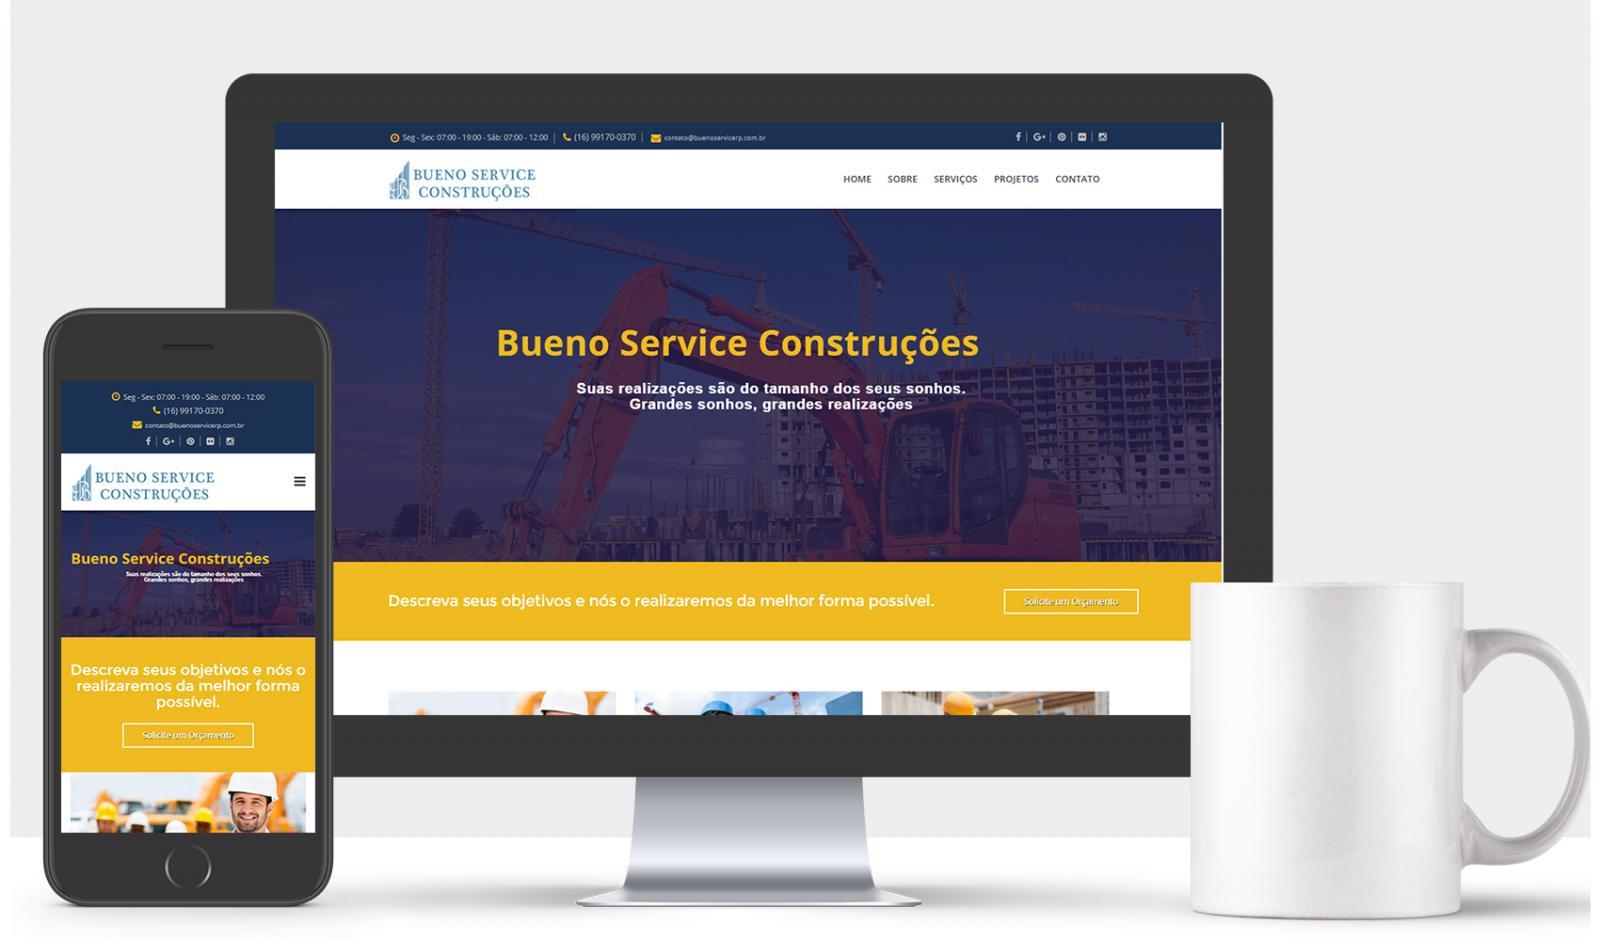 Bueno Service Construções